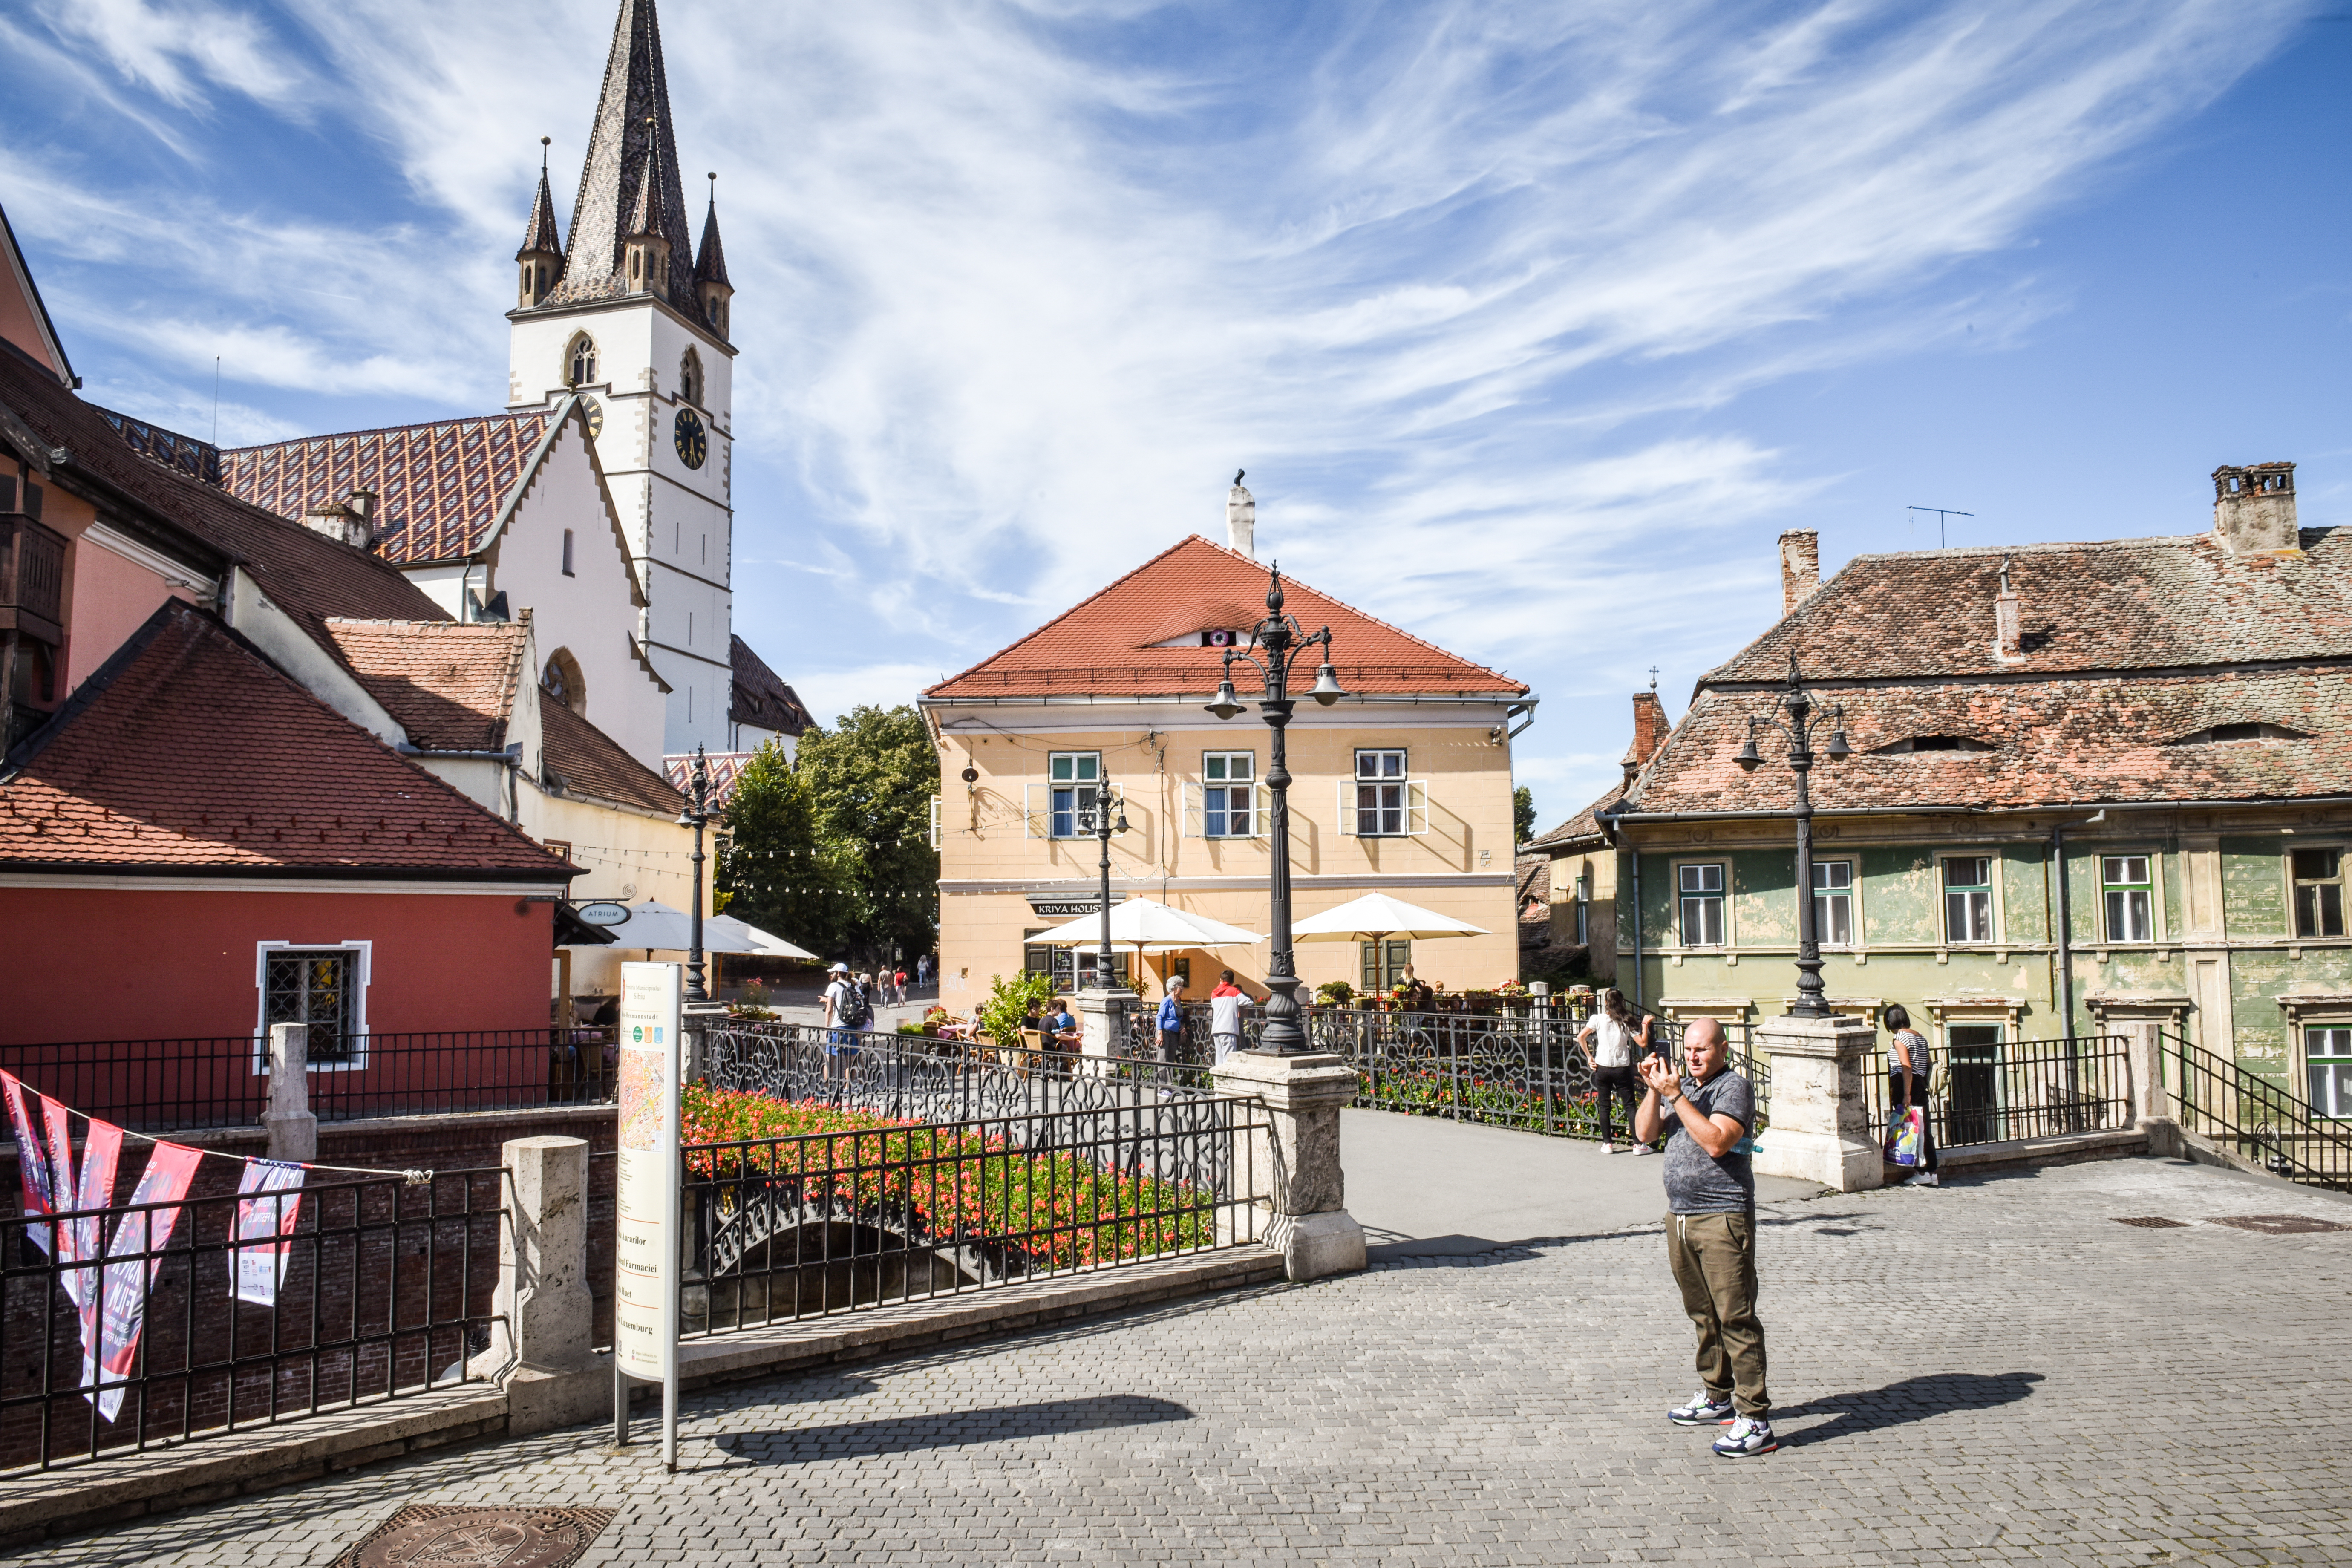 Incidența în orașul Sibiu trece de 1, cu 173 de cazuri active. Creșteri și în Șelimbăr și Cisnădie